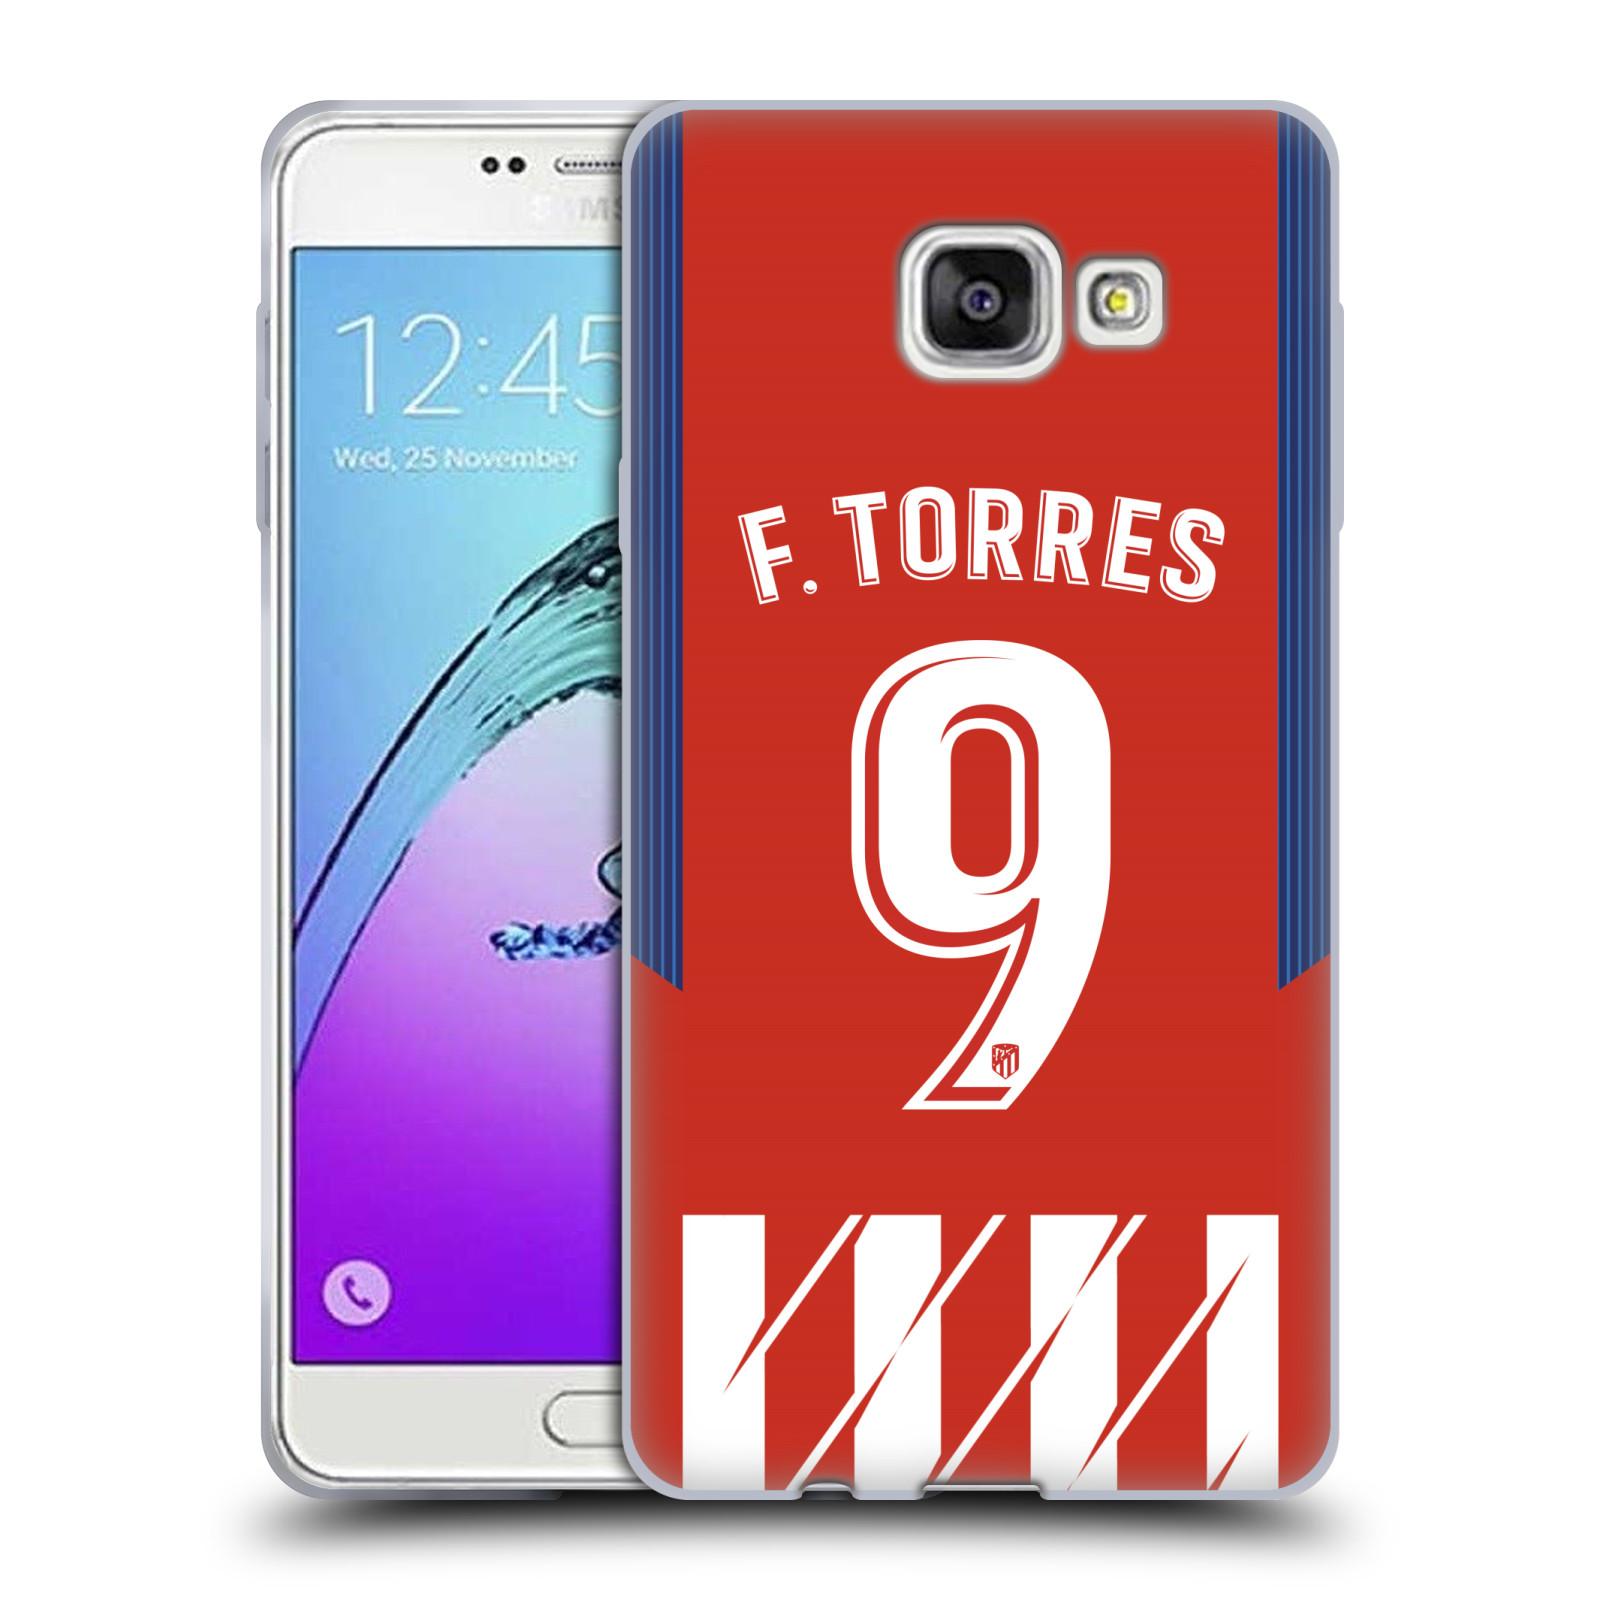 HEAD CASE silikonový obal na mobil Samsung Galaxy A7 2017 (A720) Fotbalový klub Atlético Madrid dres Fernando Torres